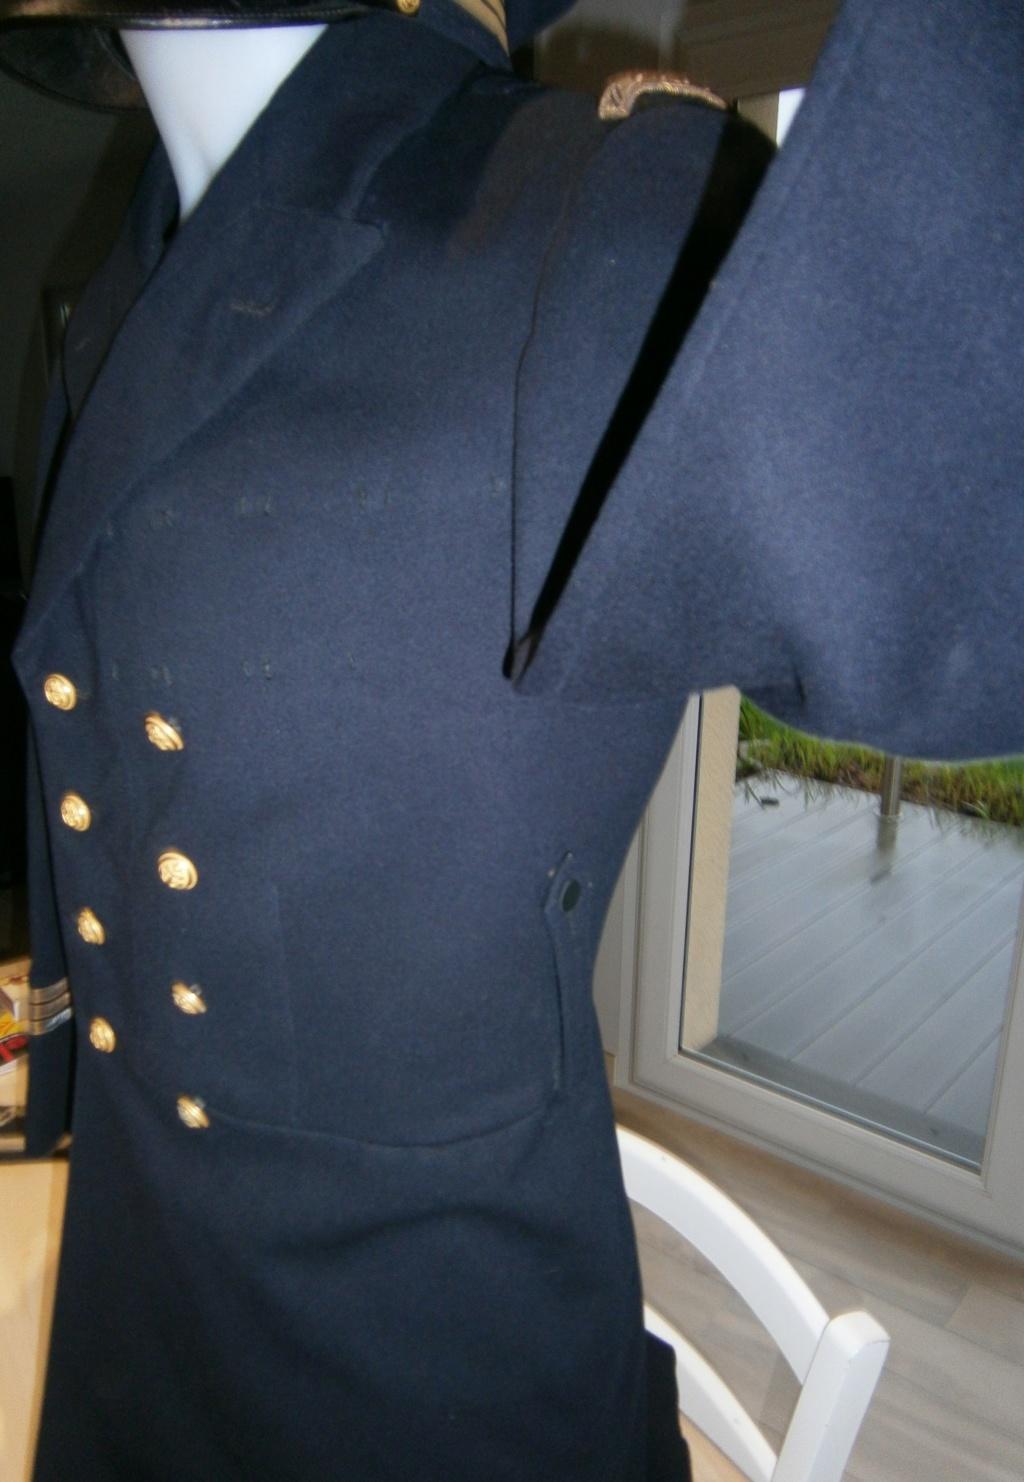 demande de renseignements concernant une rentrée d'uniforme de la marine Pc120012